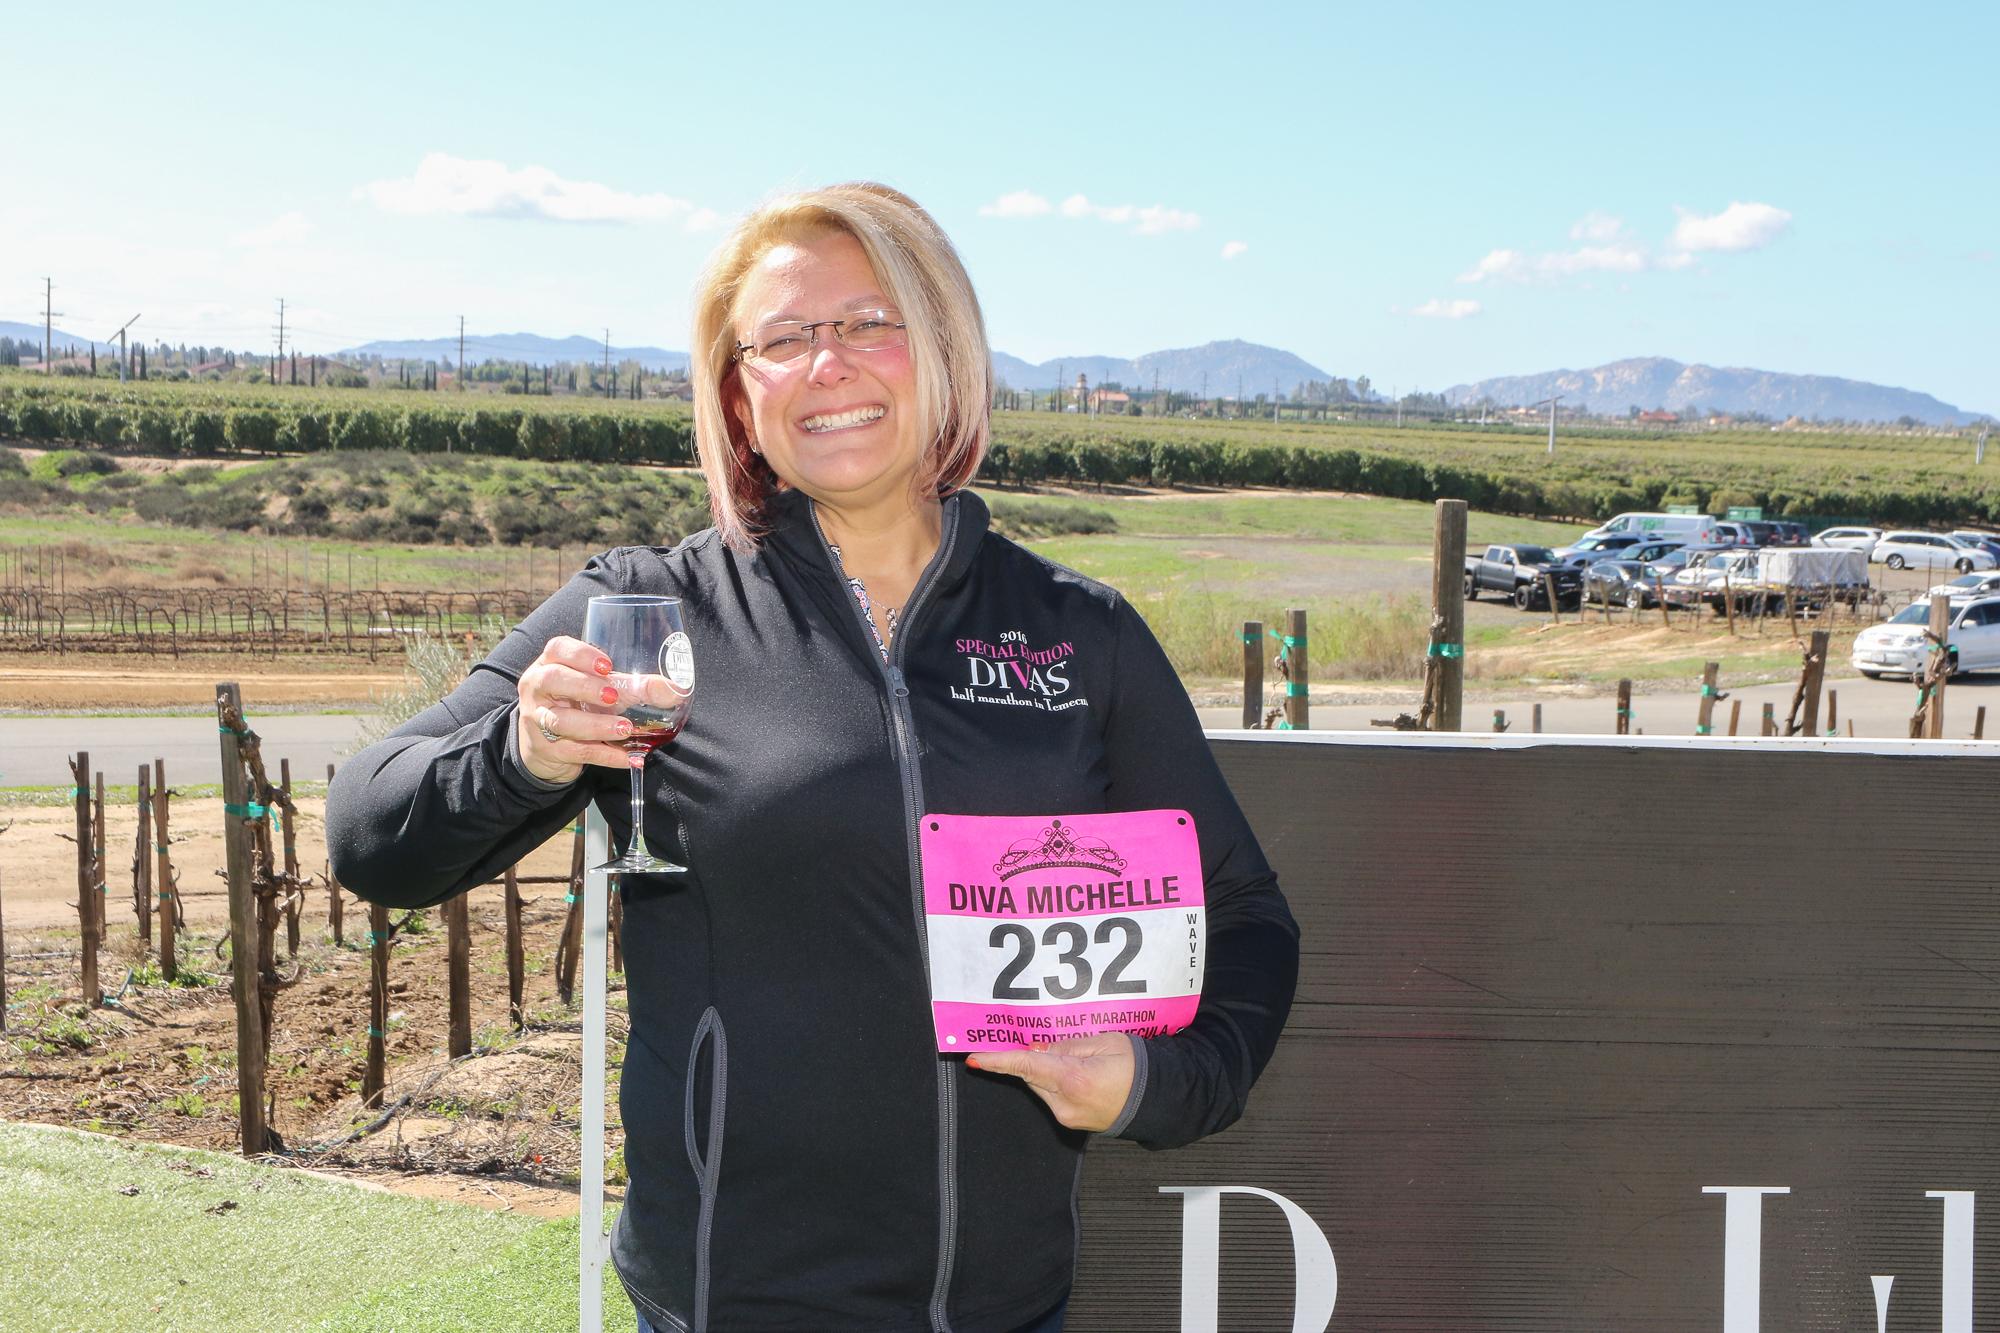 2017 special edition divas half marathon u0026 5k in temecula